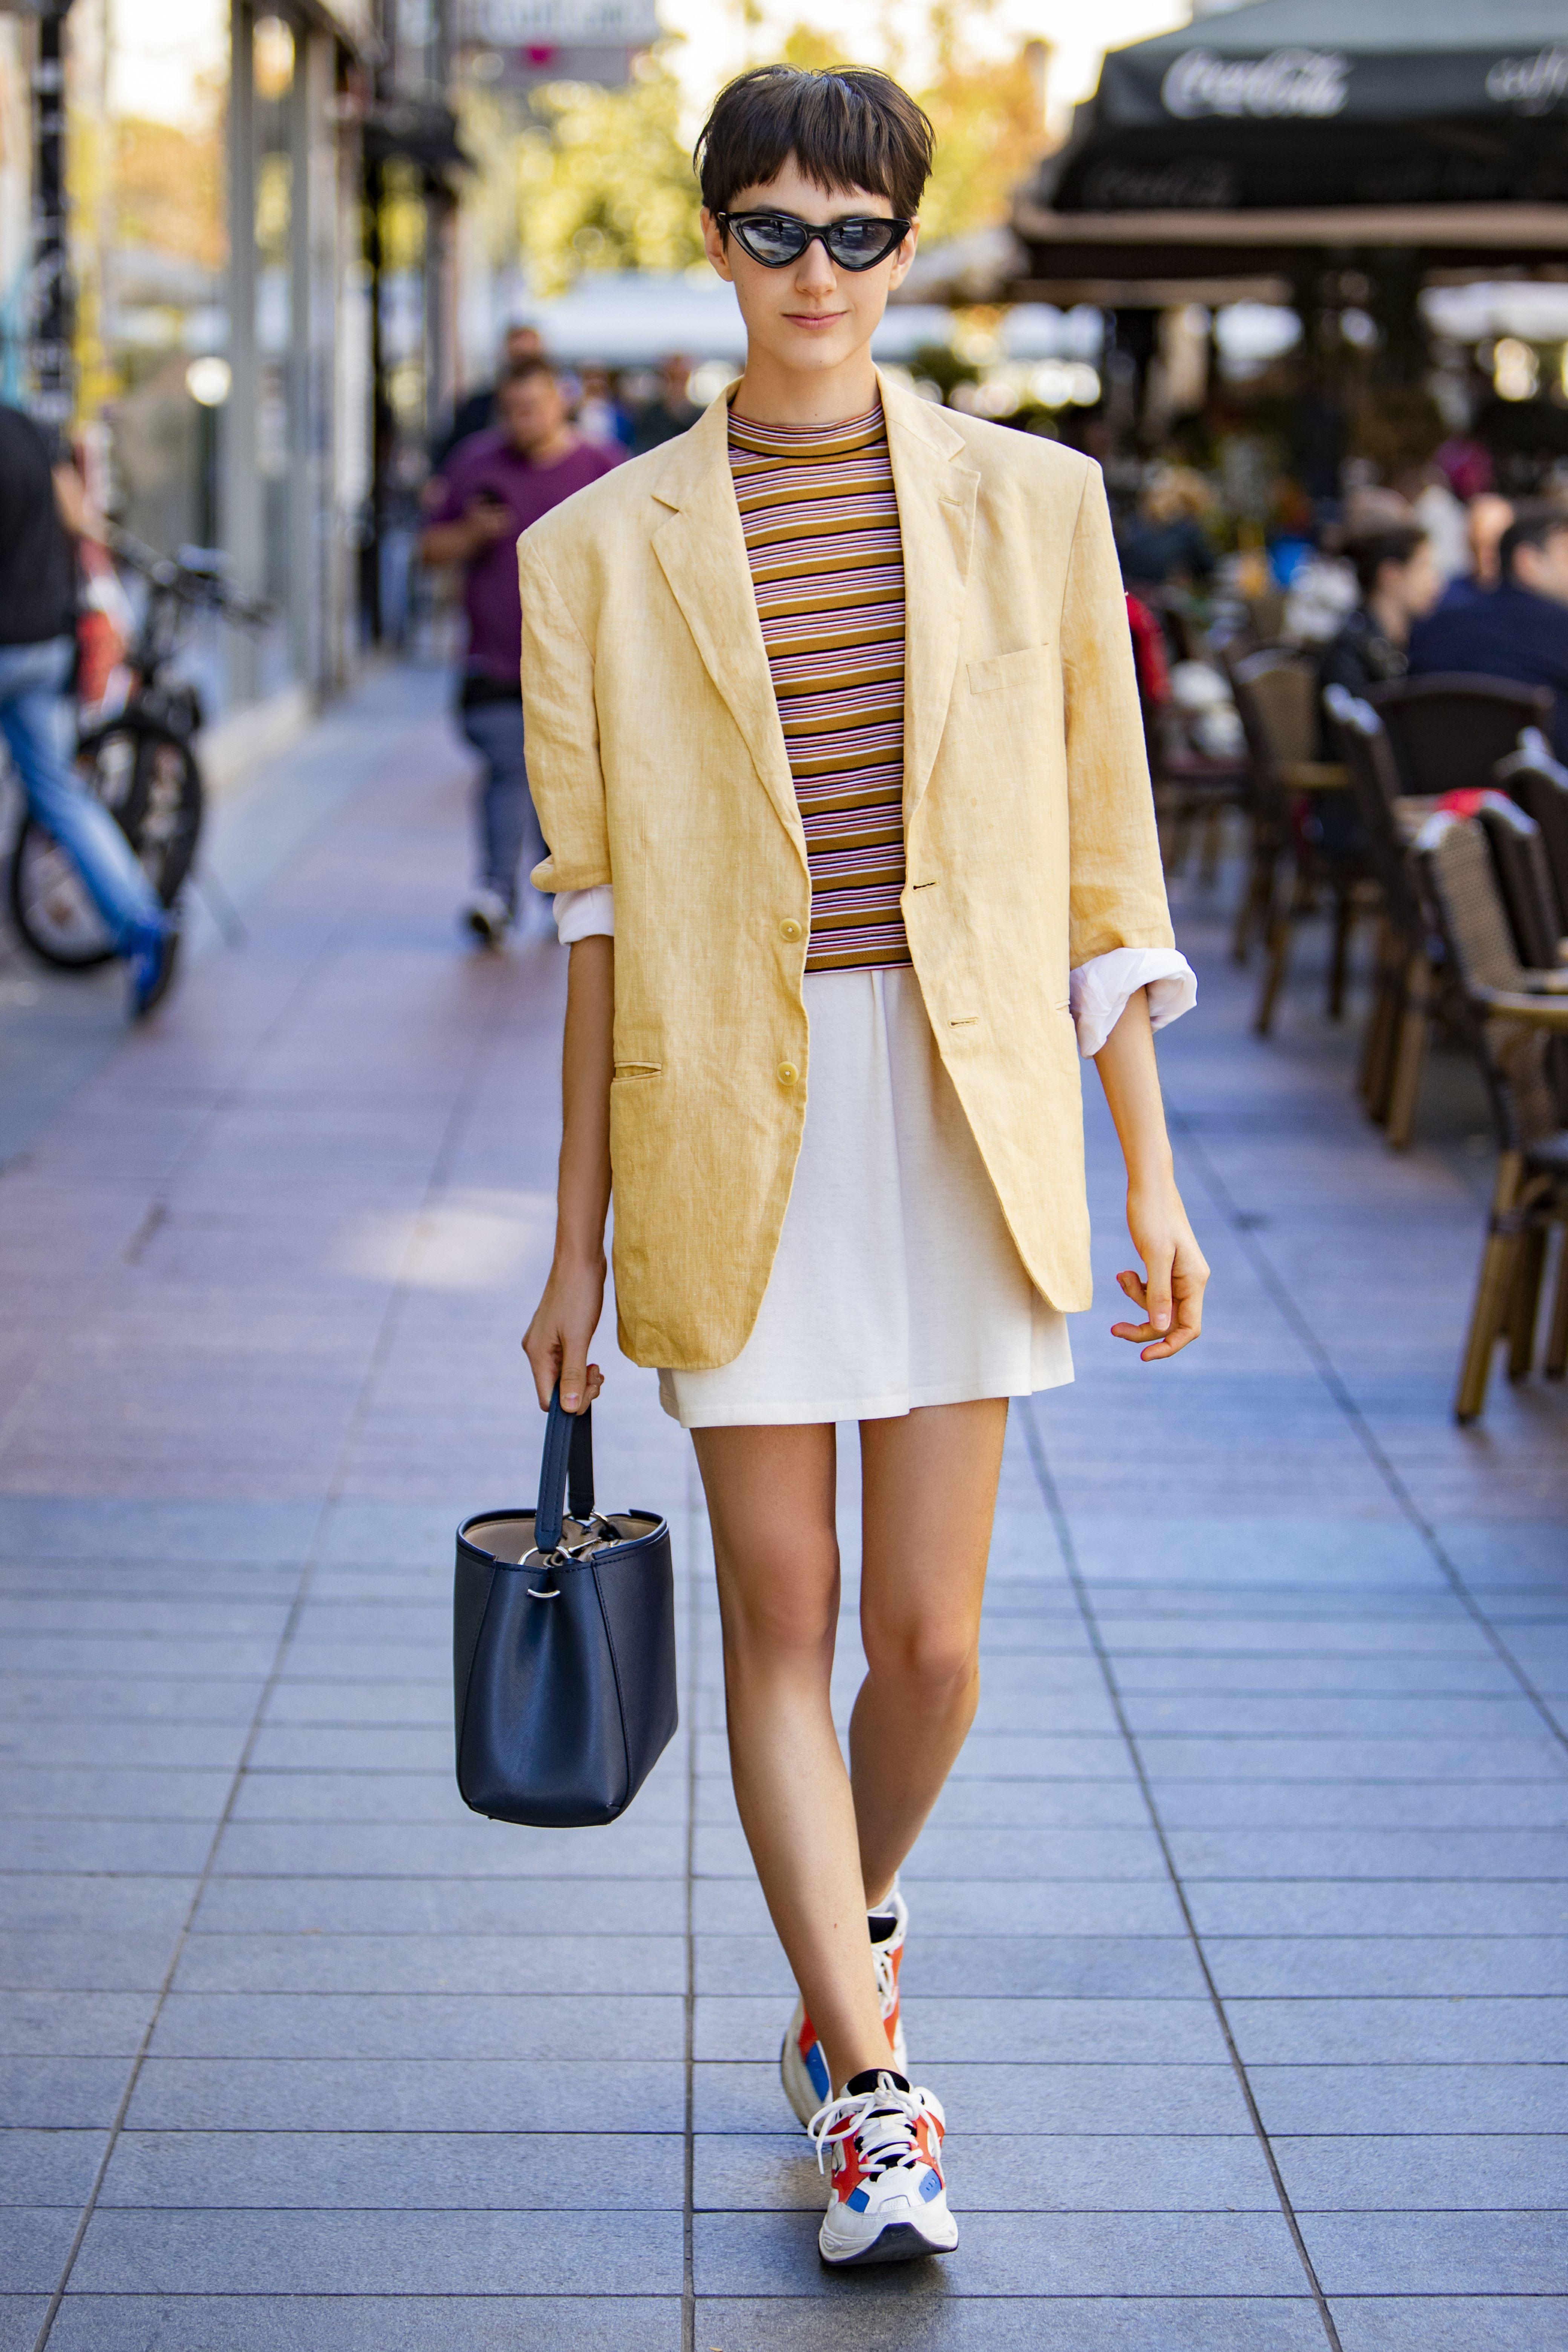 U cool sakou ova ljepotica izgleda odlično: 'Volim ih krasti od tate jer mi je draže nositi tipične muške sakoe'